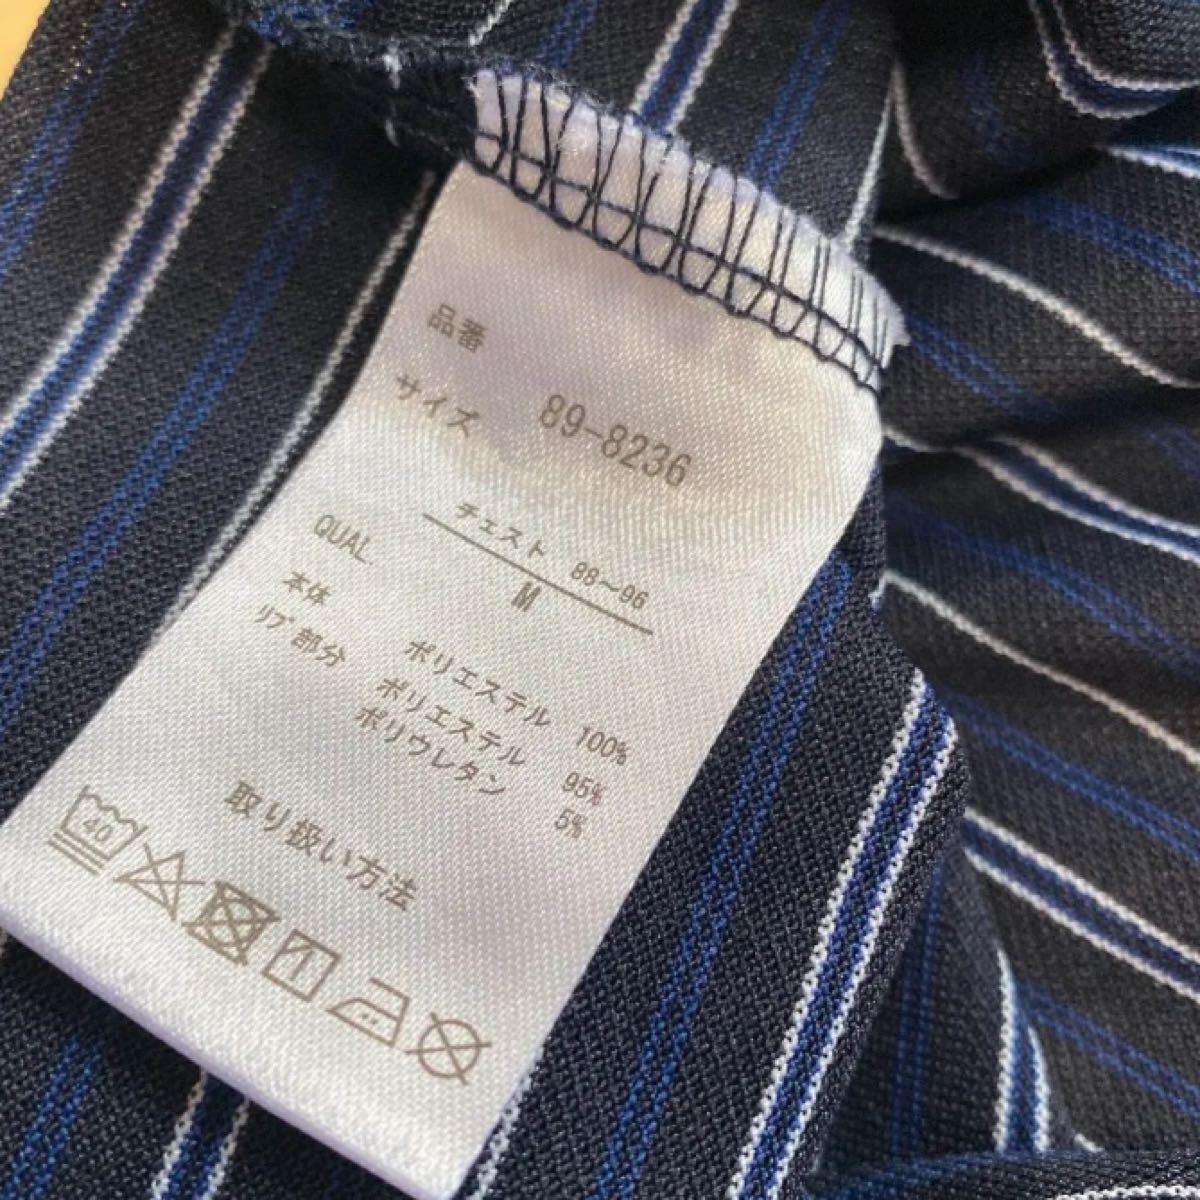 半袖Tシャツネイビーボーダー Mサイズ